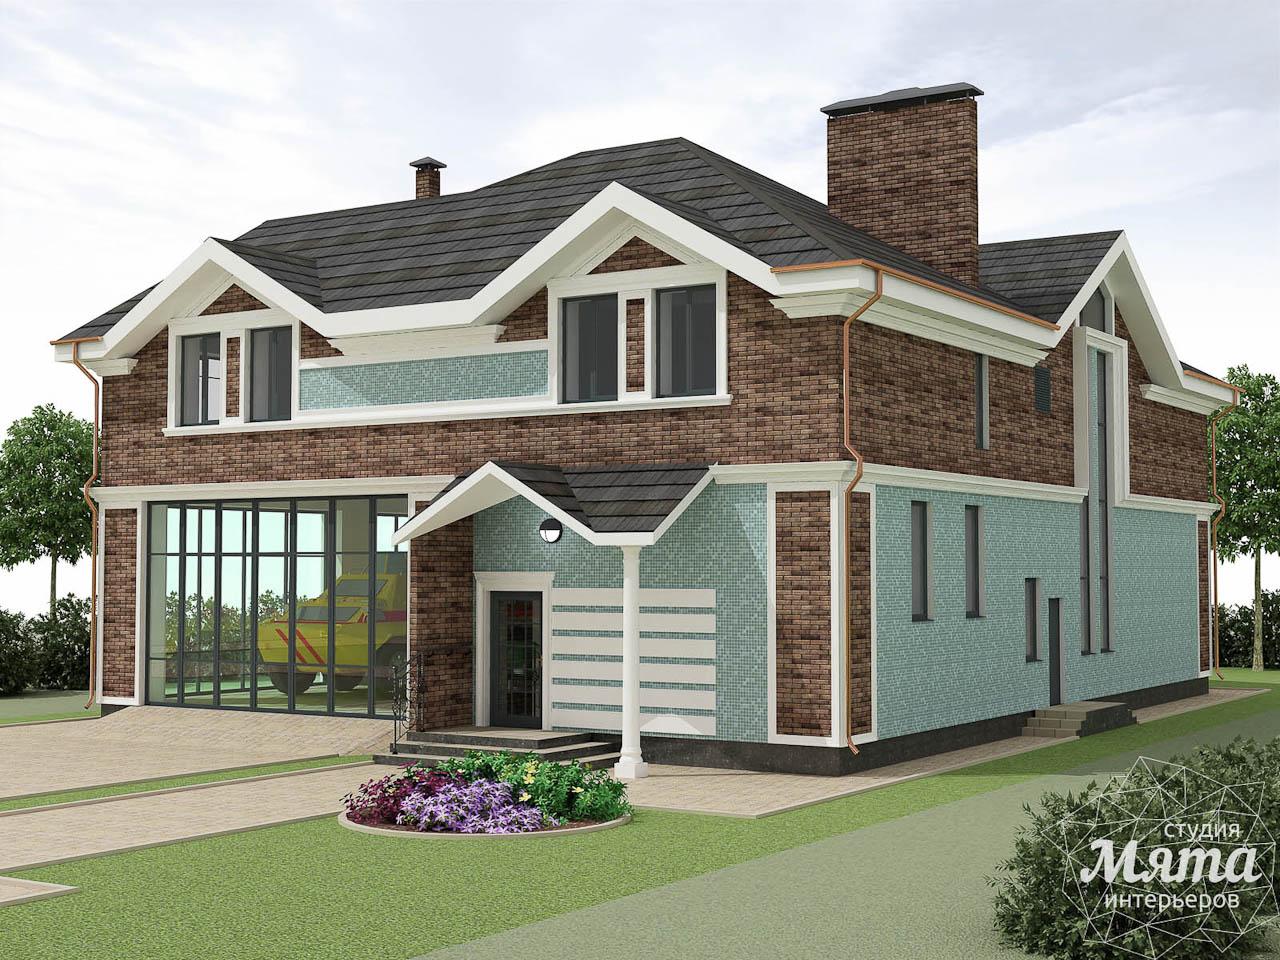 Дизайн фасада коттеджа в п. Палникс img1294175292